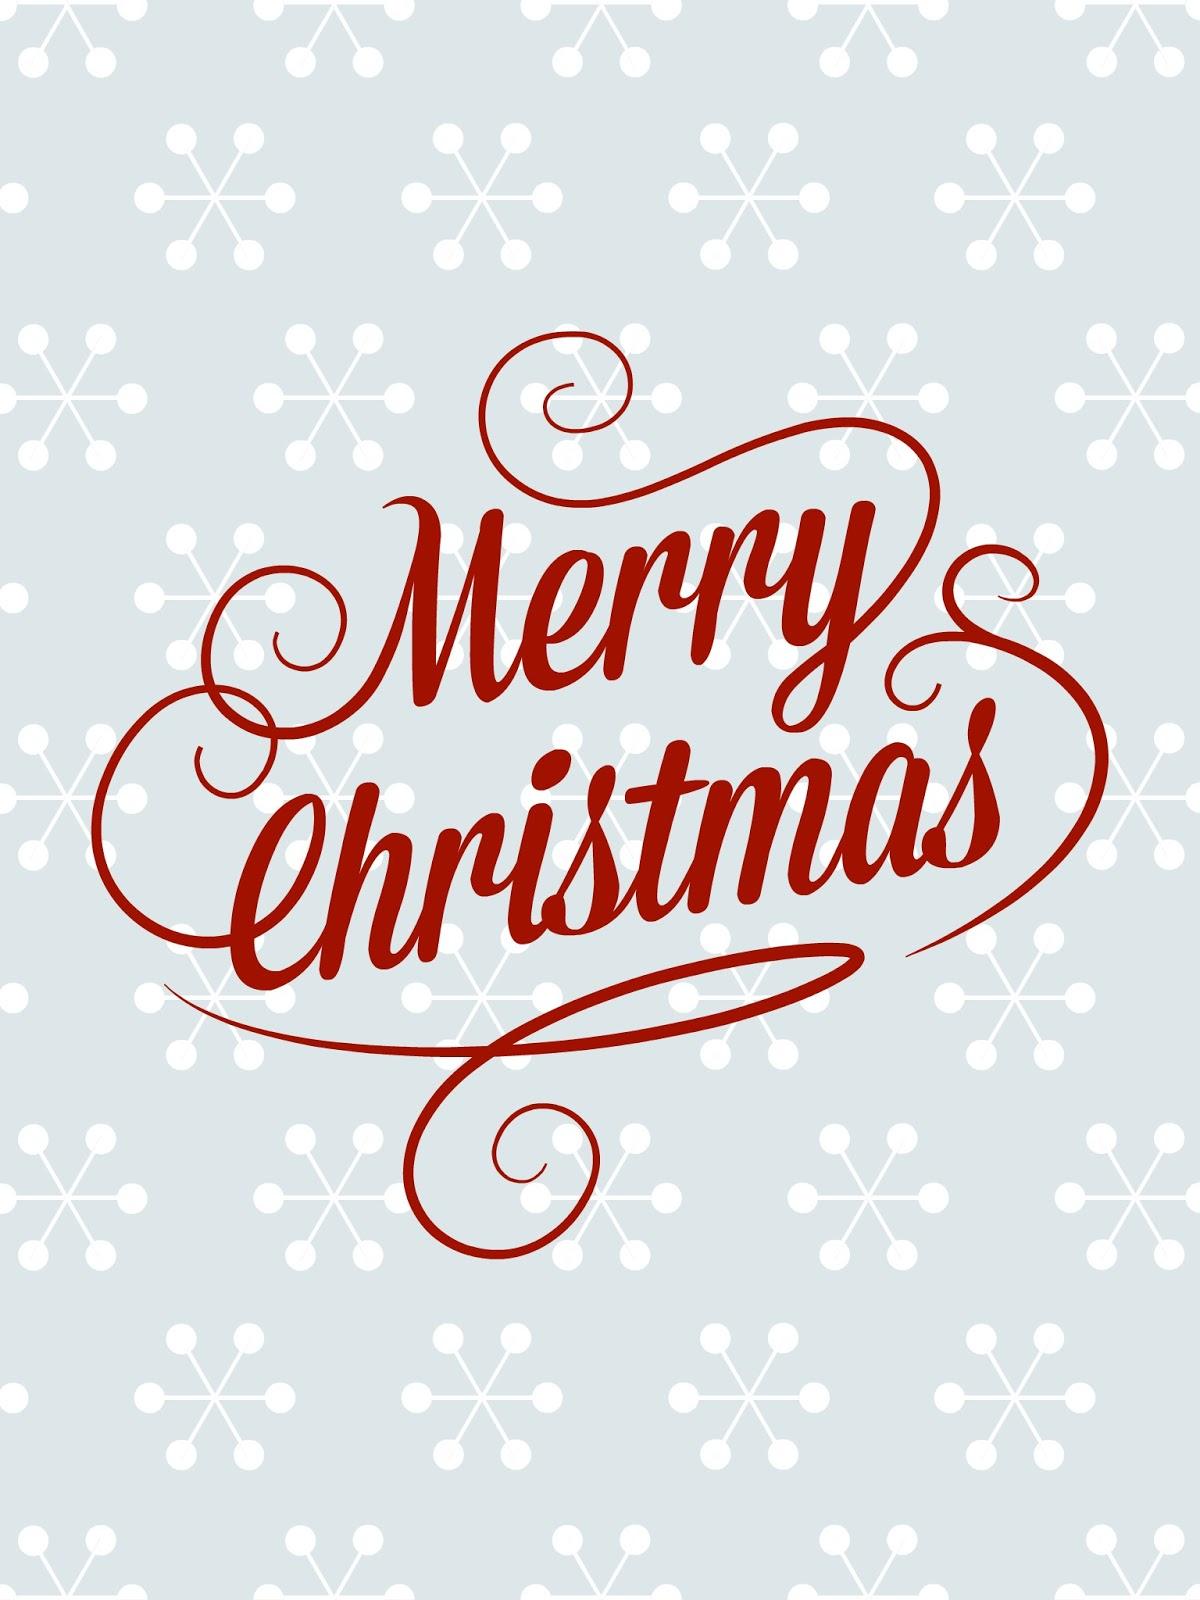 Free Christmas Printable: Peachy Keen: FREE Christmas Printables